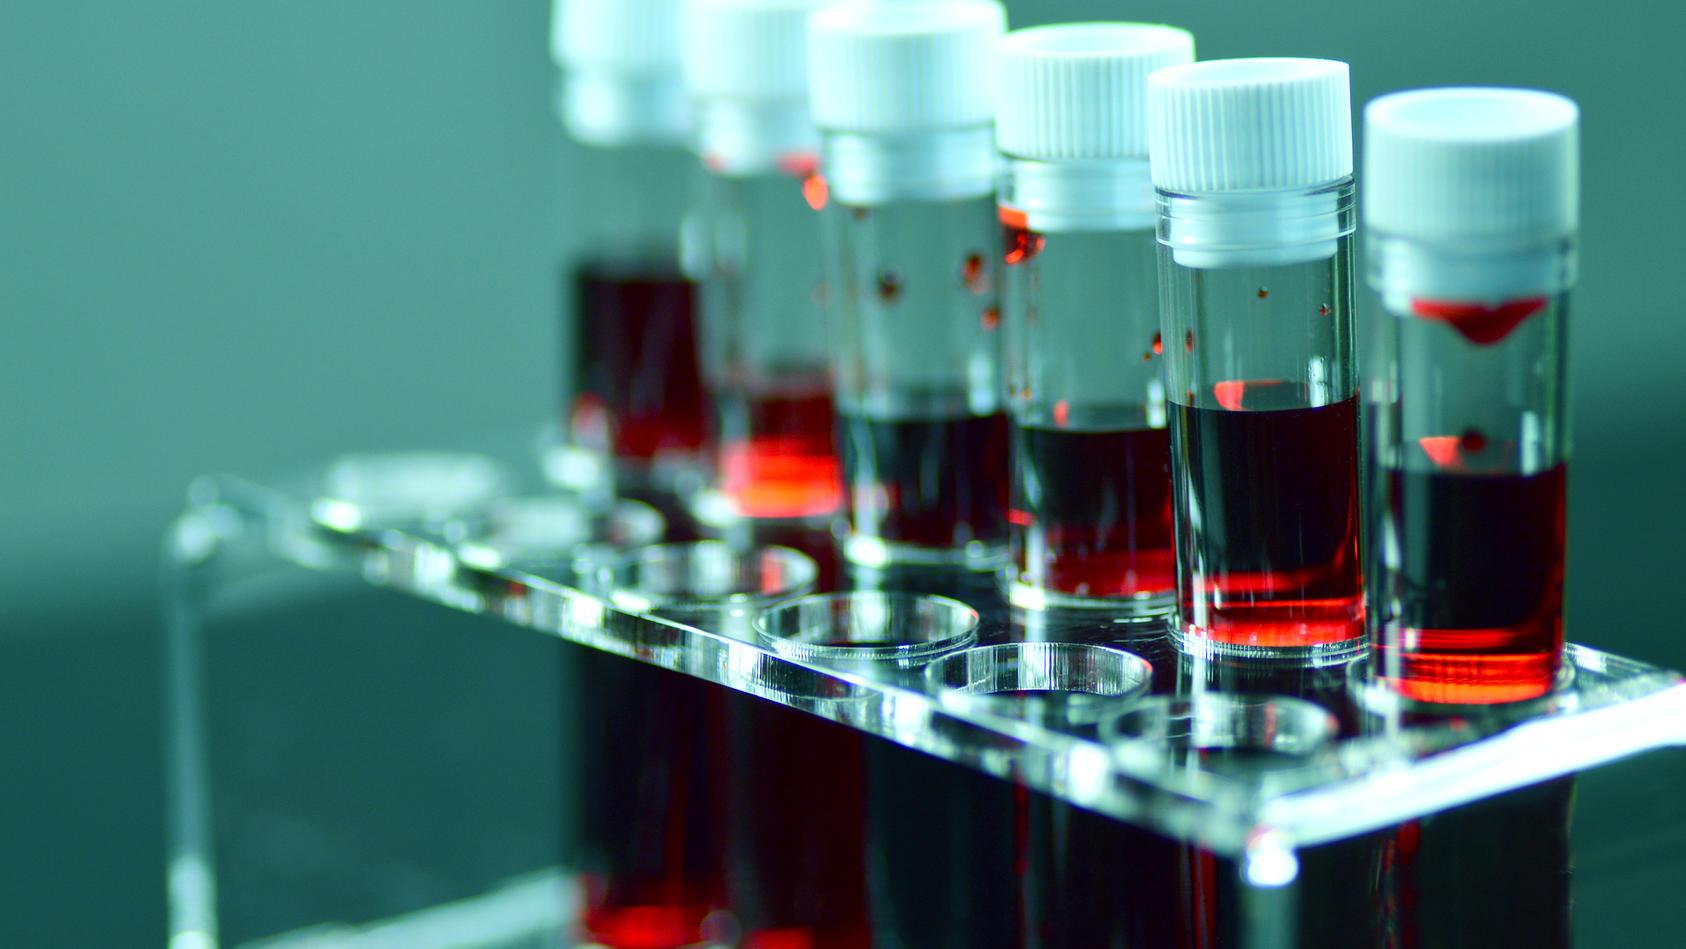 Die Gabe eines Medikamentes zur Hemmung der Blutgerinnung wird als Antikoagulation bezeichnet.